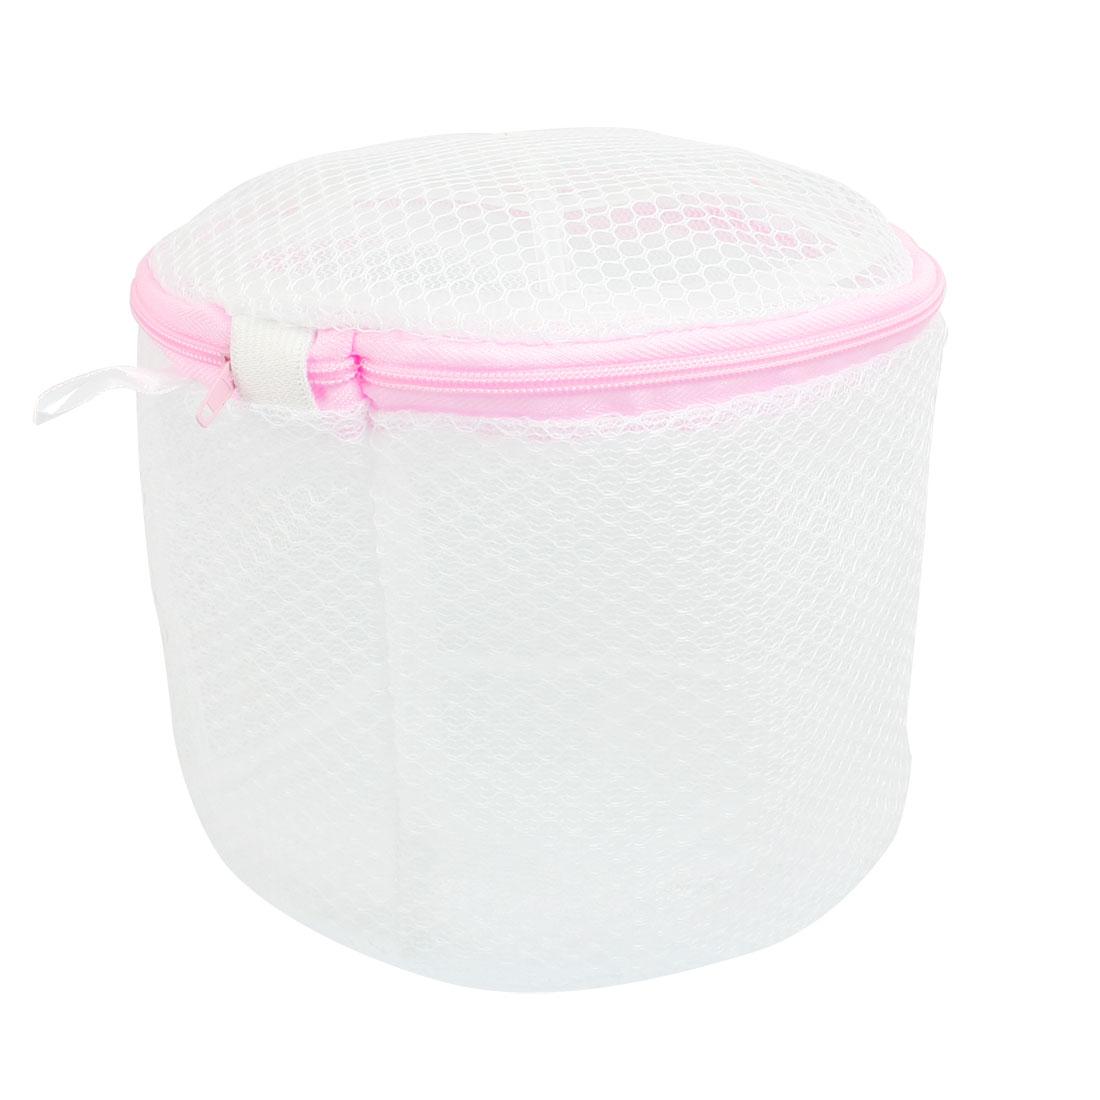 White Pink Underwear Stockings Folding Mesh Bag Holder Basket